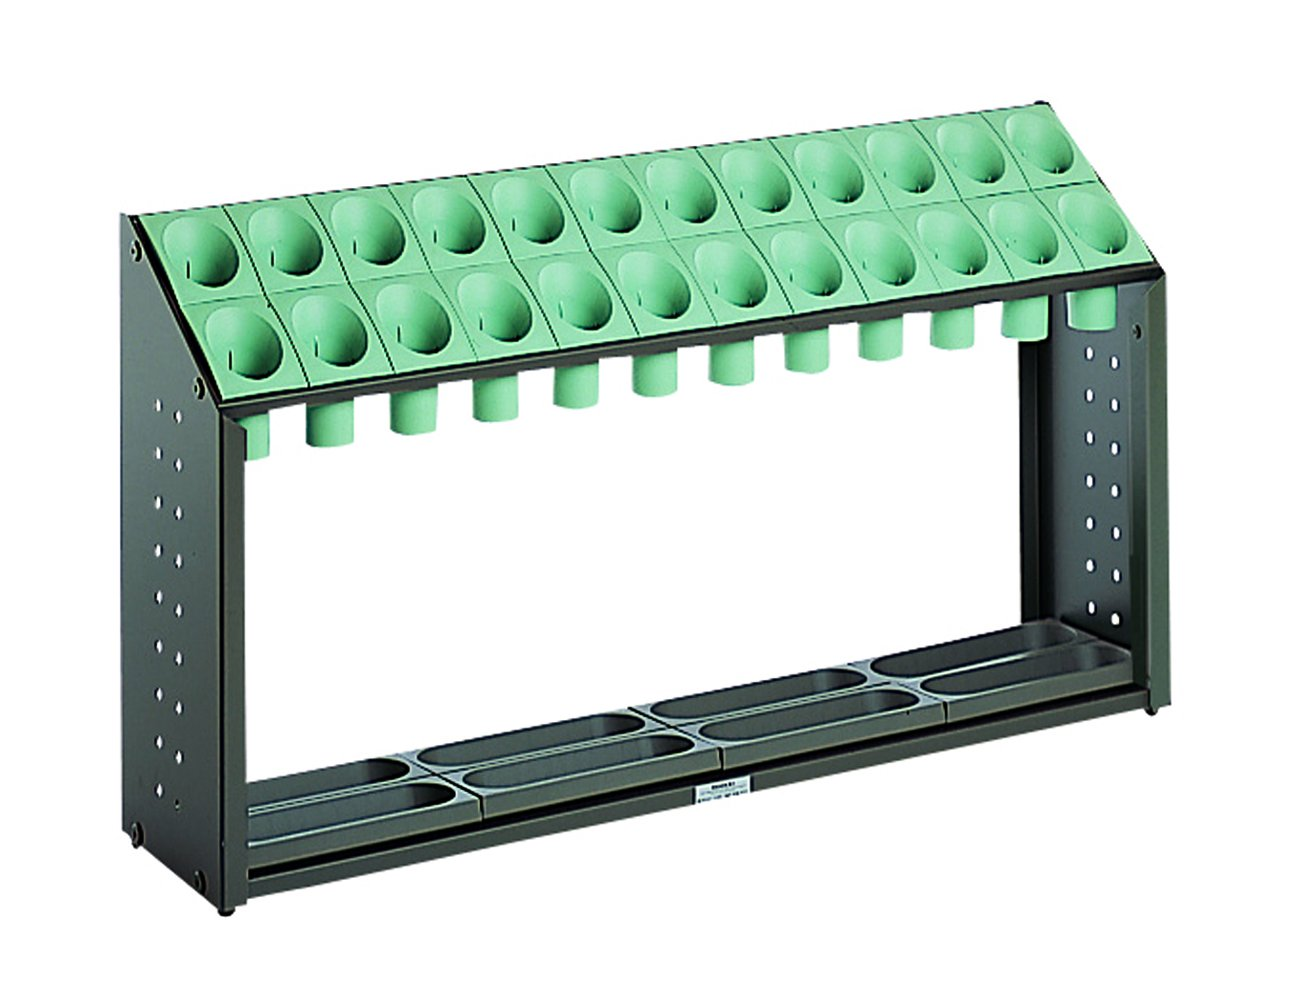 テラモト オブリークアーバン B24 全4色 全4サイズ 施設向け 傘立て グリーン 24本収納 UB-285-124 [正規代理店品] B001D7PX9C 14061  マルチカラー